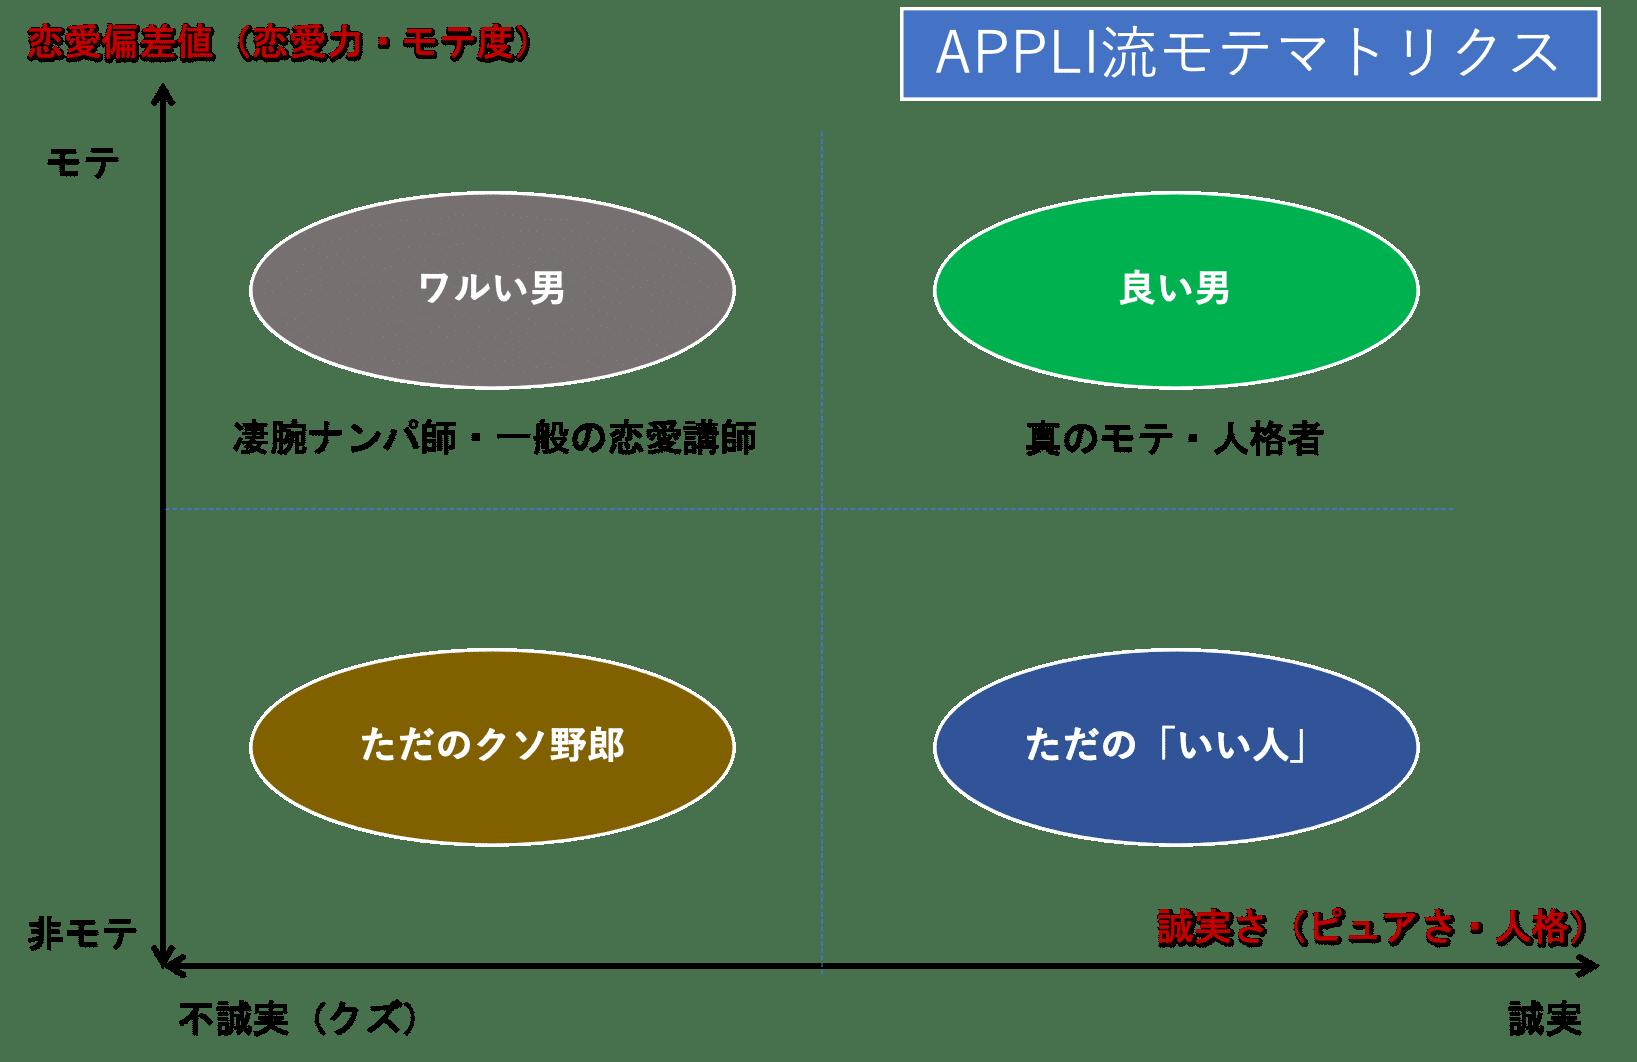 アプリ流モテマトリクス